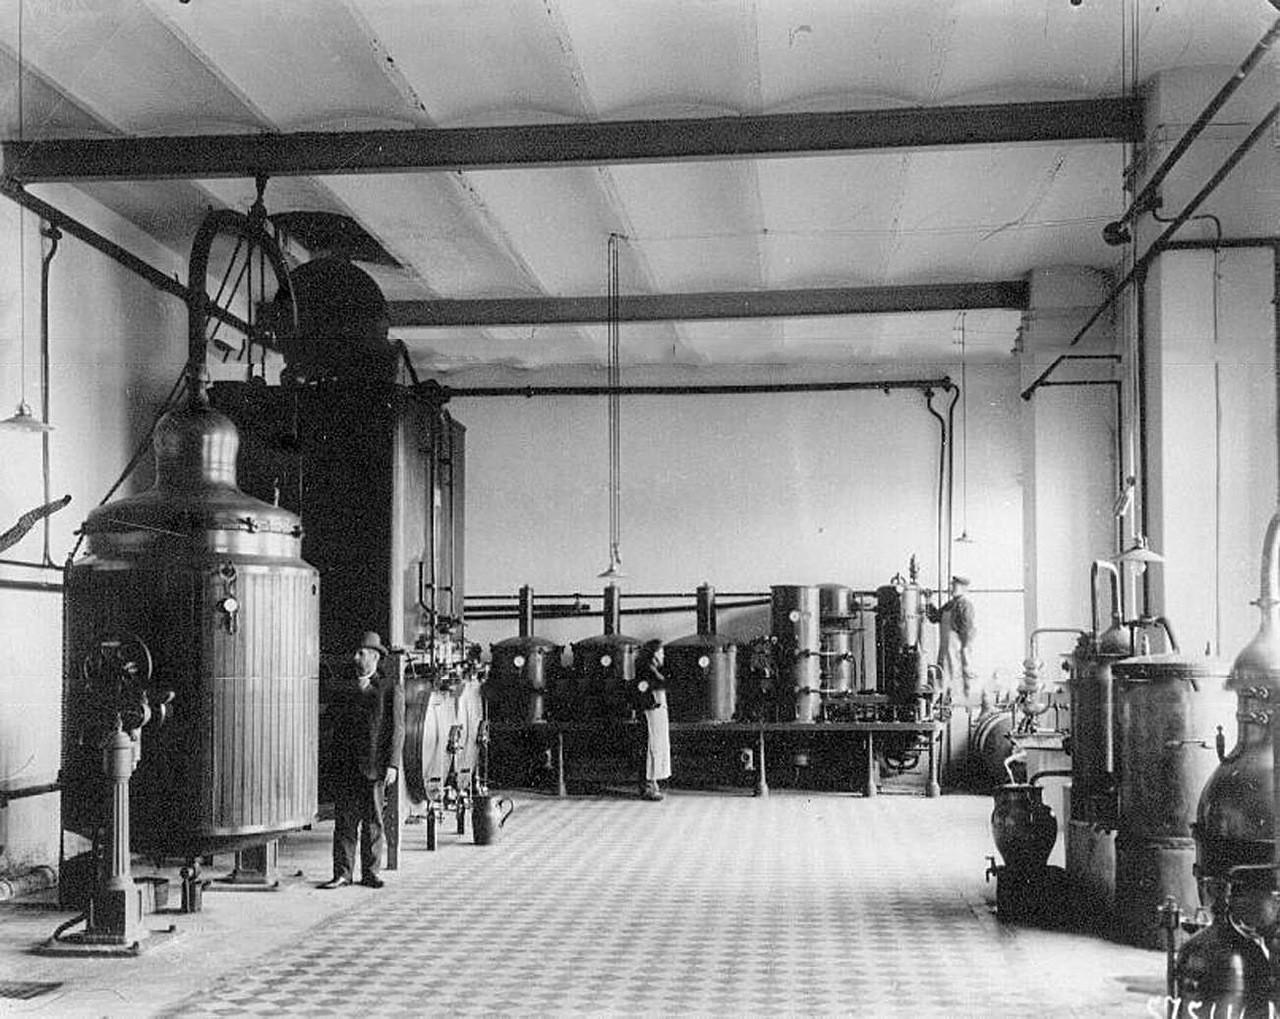 Instalaciones para el proceso de destilación de Keller y Kº.